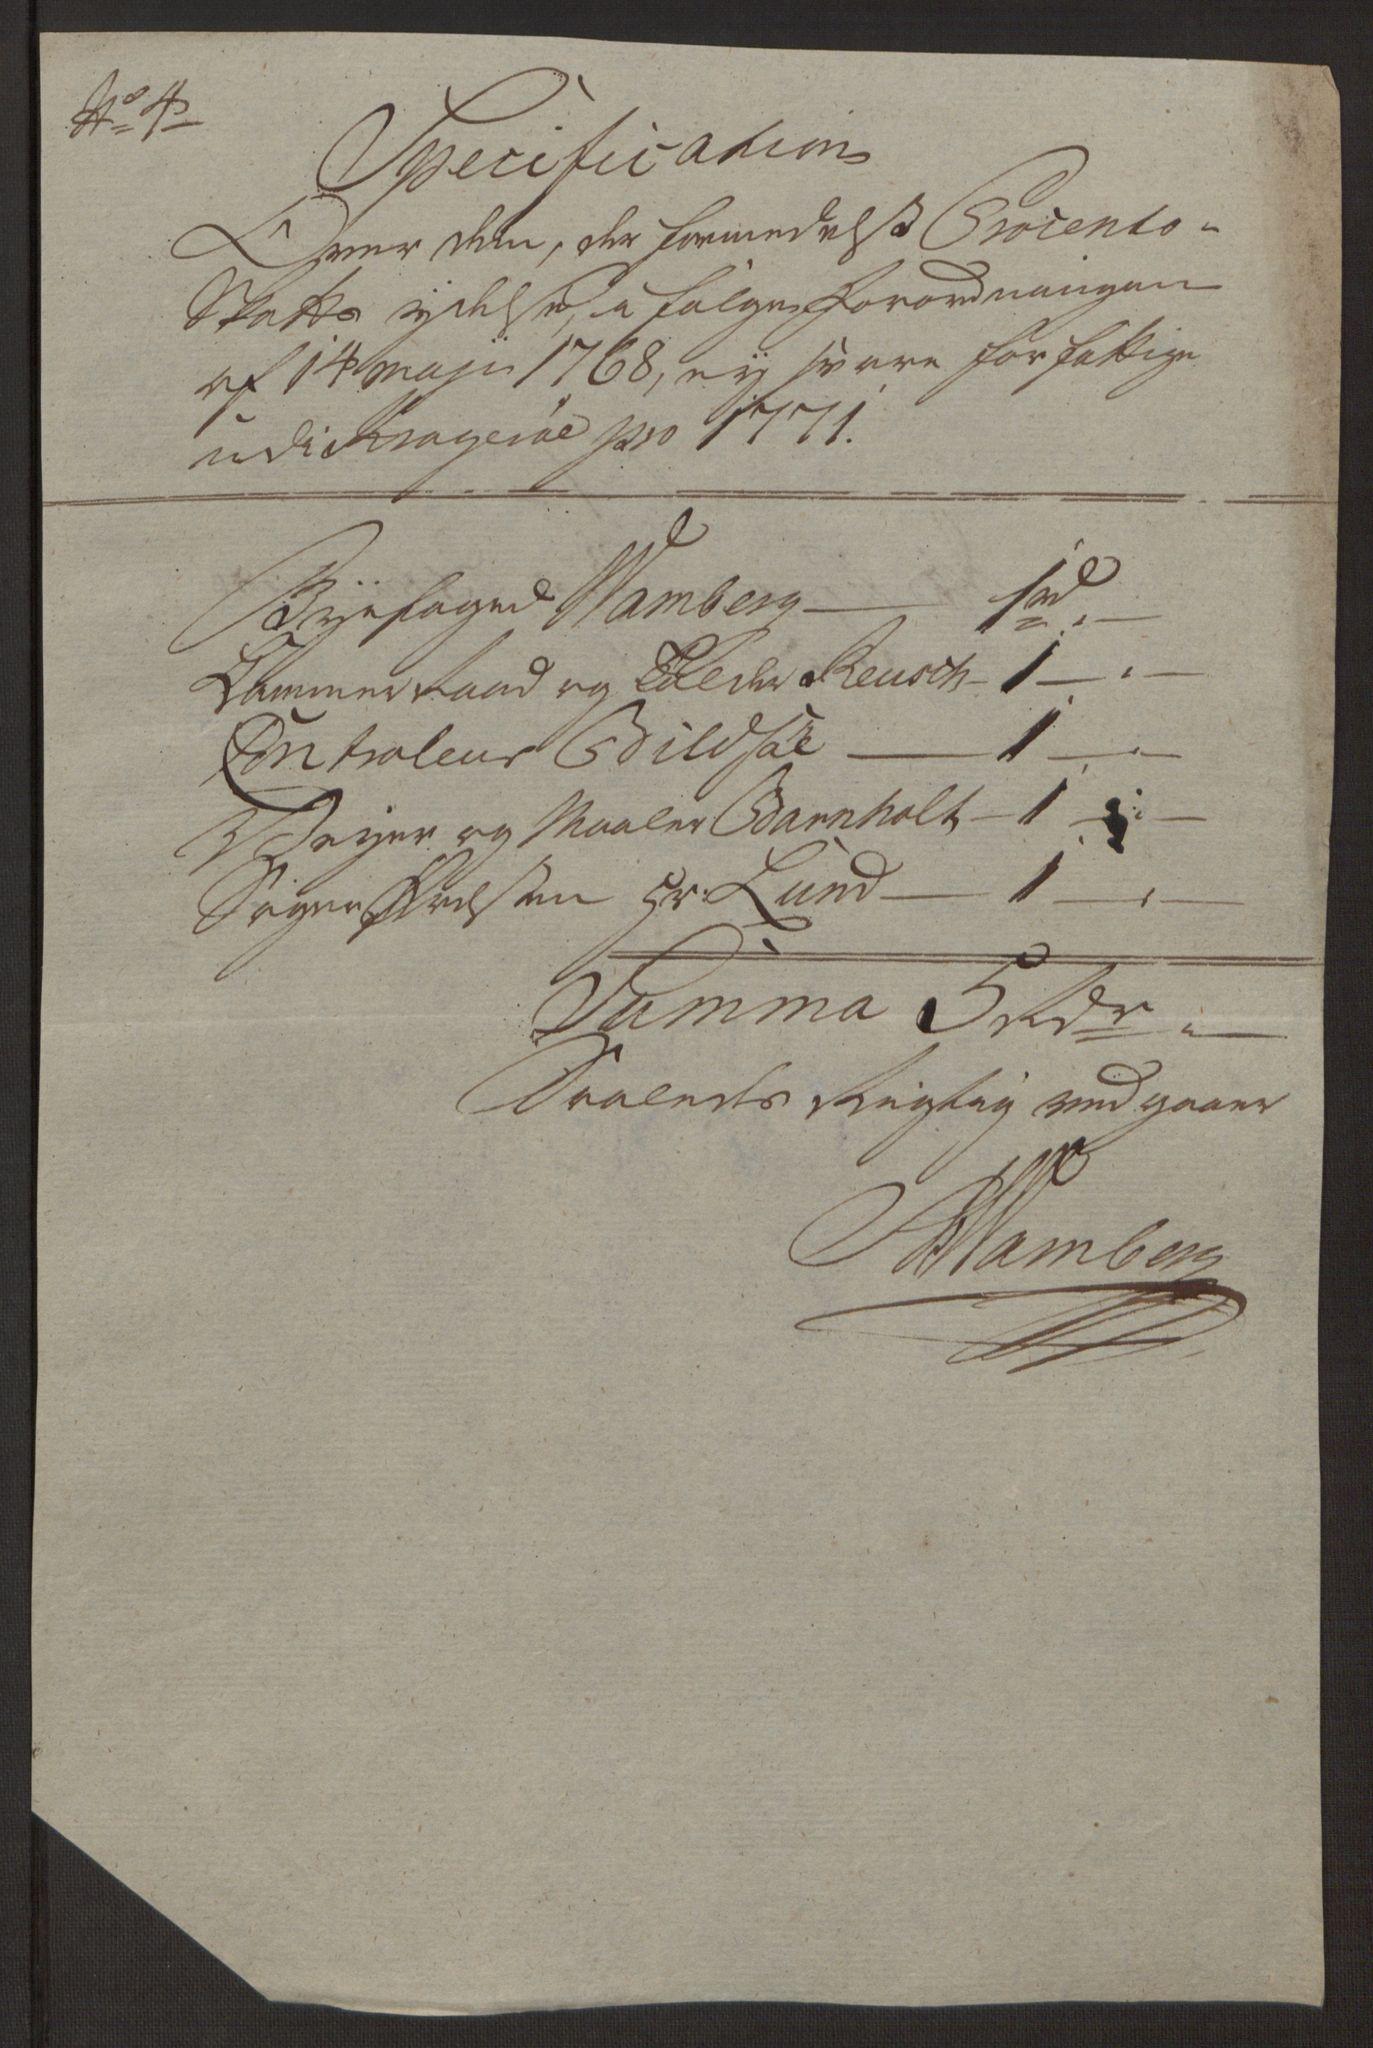 RA, Rentekammeret inntil 1814, Reviderte regnskaper, Byregnskaper, R/Rk/L0218: [K2] Kontribusjonsregnskap, 1768-1772, s. 75